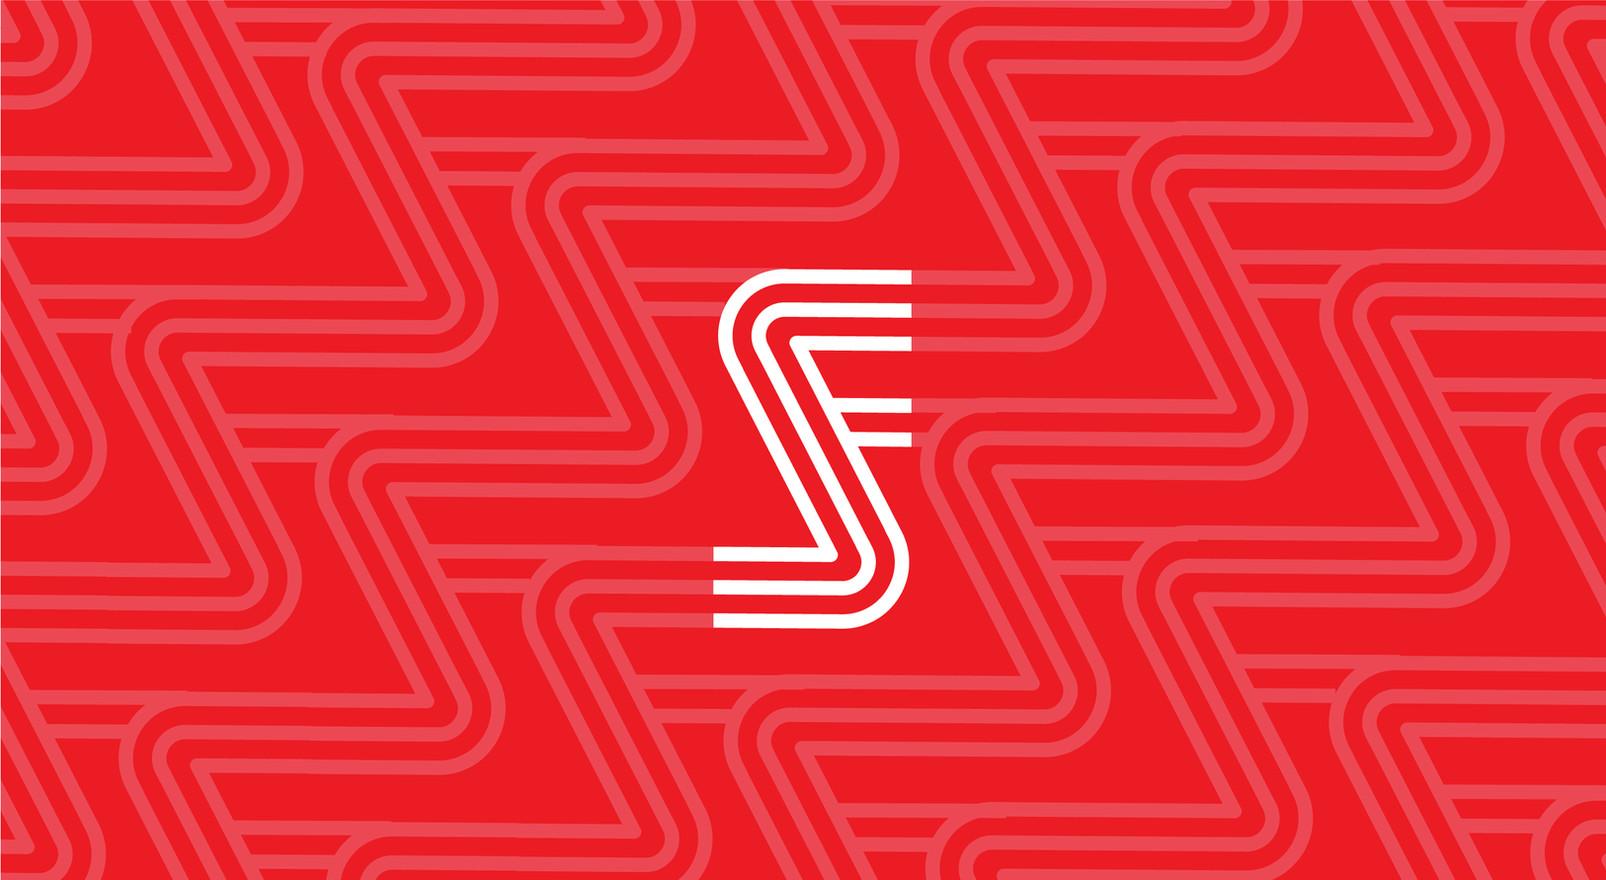 Fuente-pattern.jpg